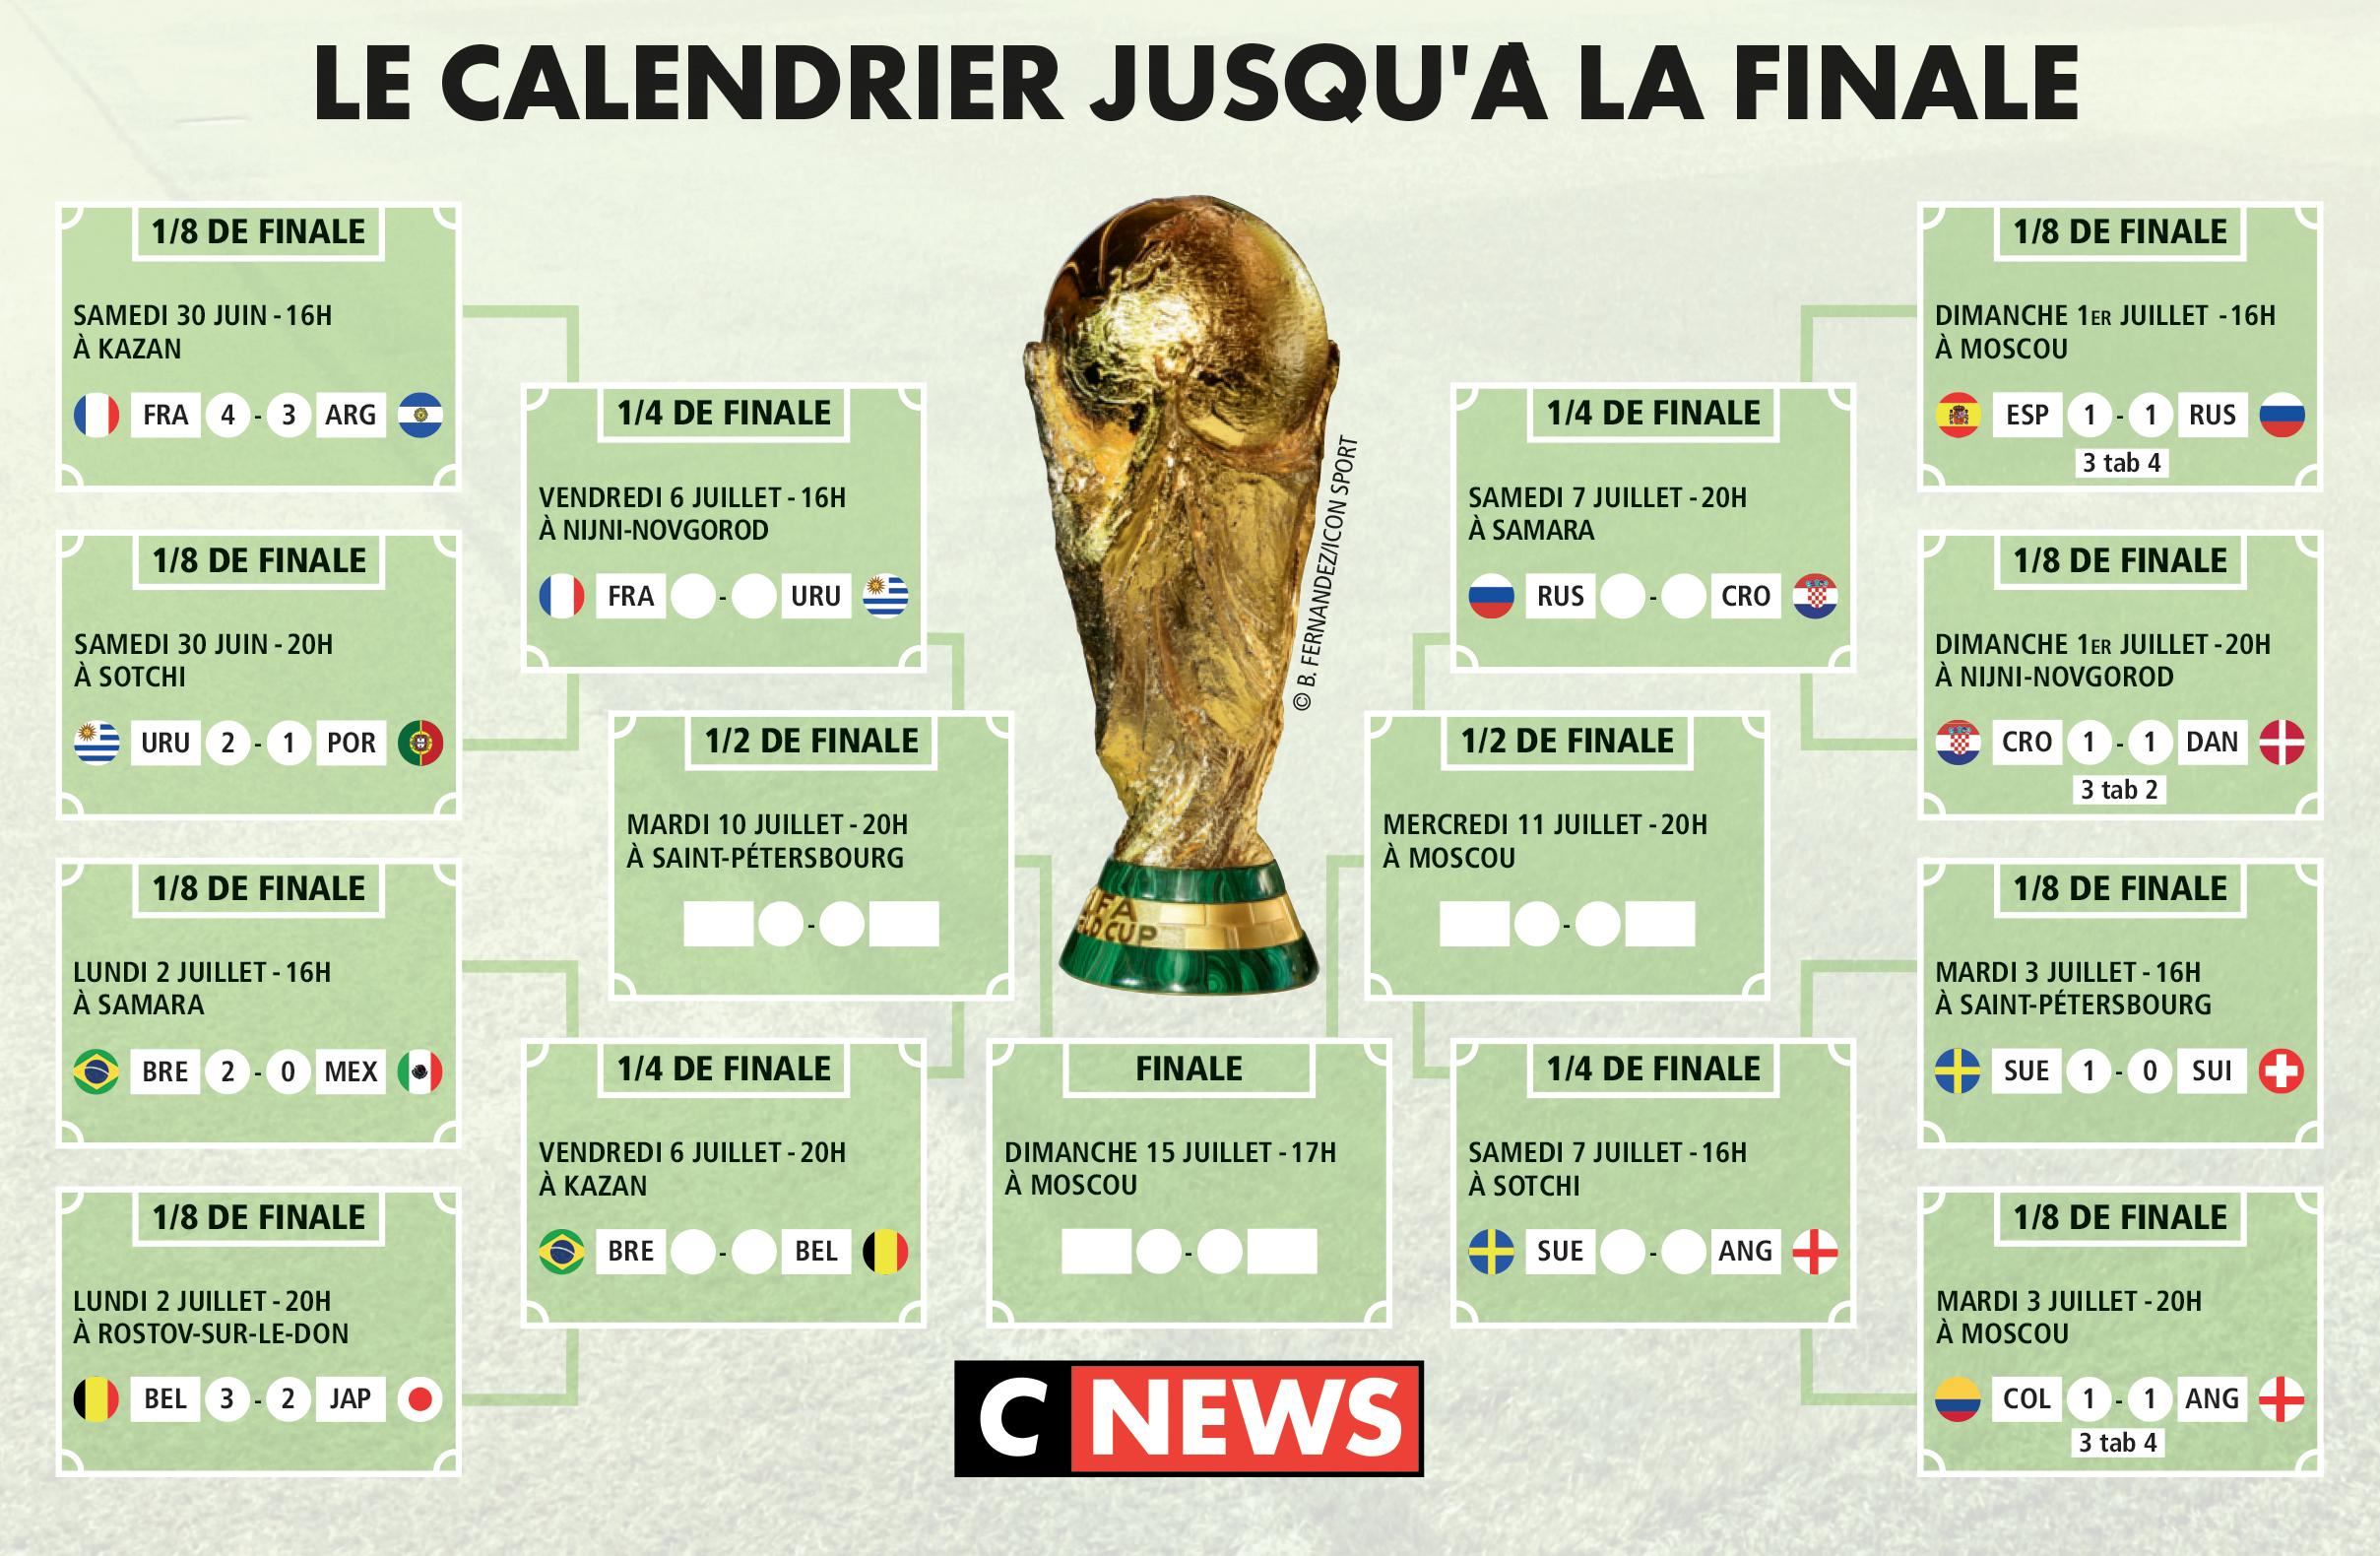 Calendrier Coupe Du Monde A Remplir.Telechargez Le Calendrier De La Phase Finale De La Coupe Du